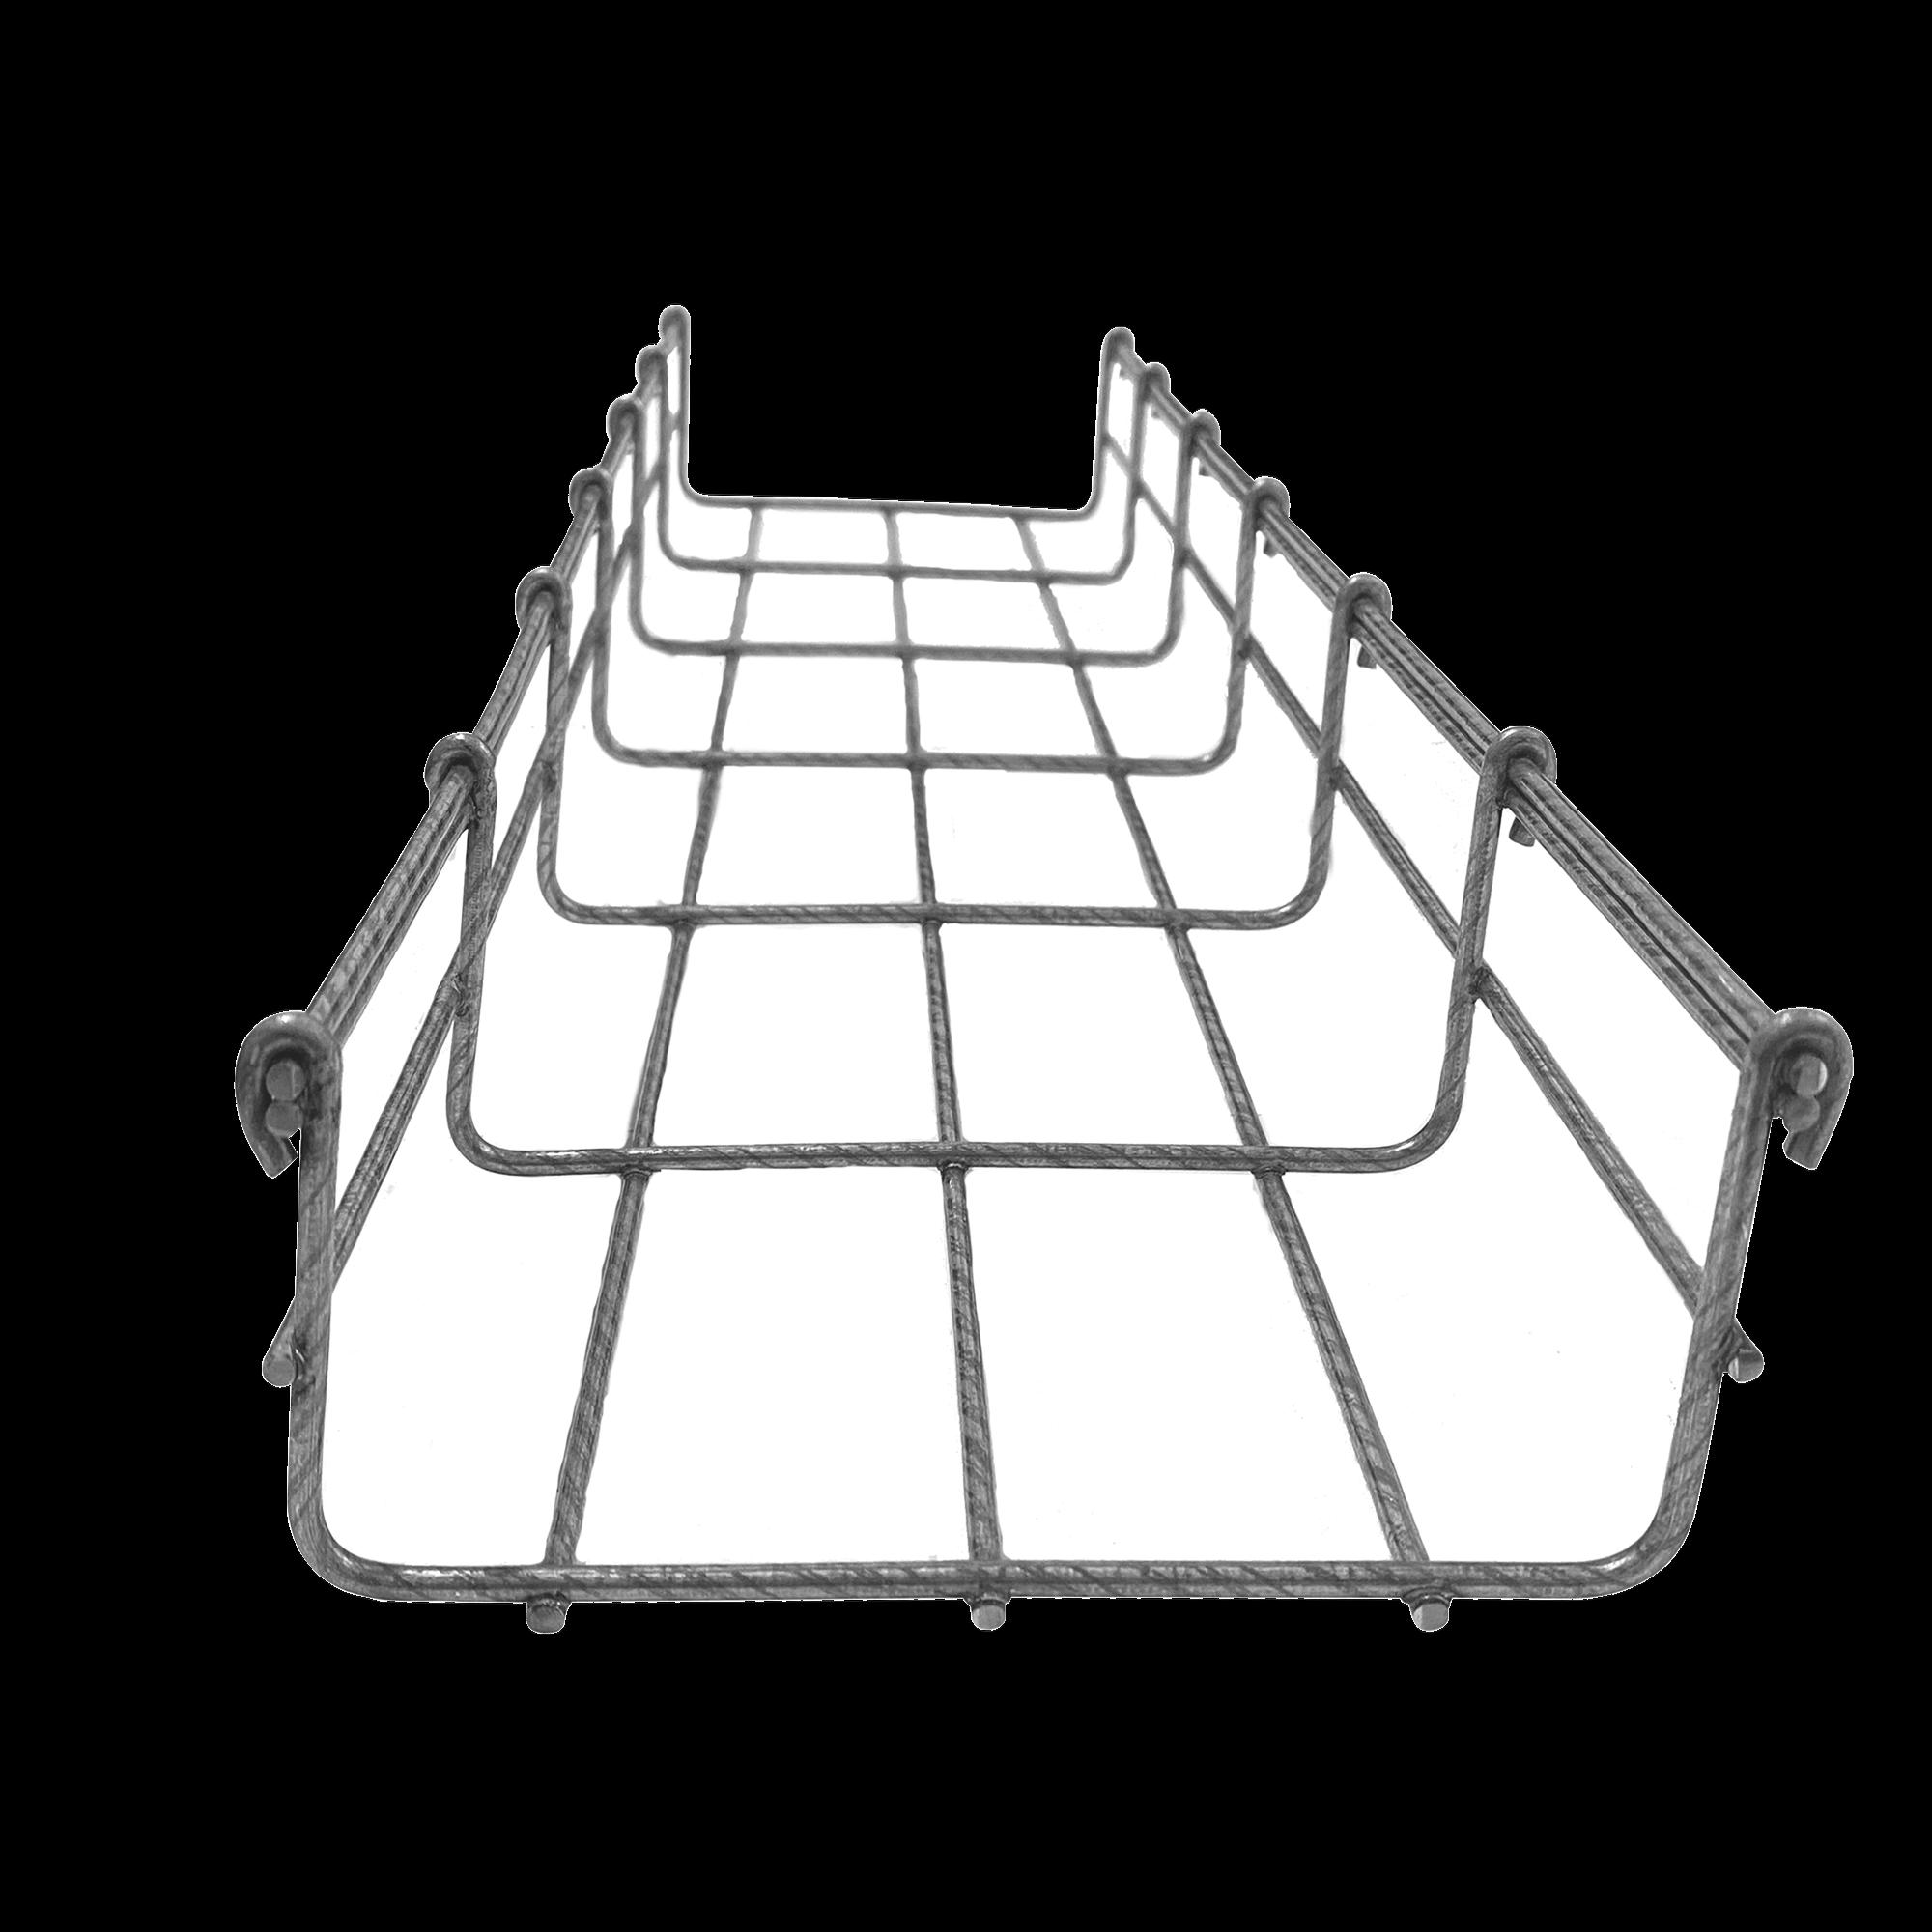 Charola tipo malla 66/150 mm BIMETáLICA para Instalación en Exterior o Interior, Extrema Resistencia y Durabilidad. Hasta 157 cables Cat6 (Tramo de 3 metros)